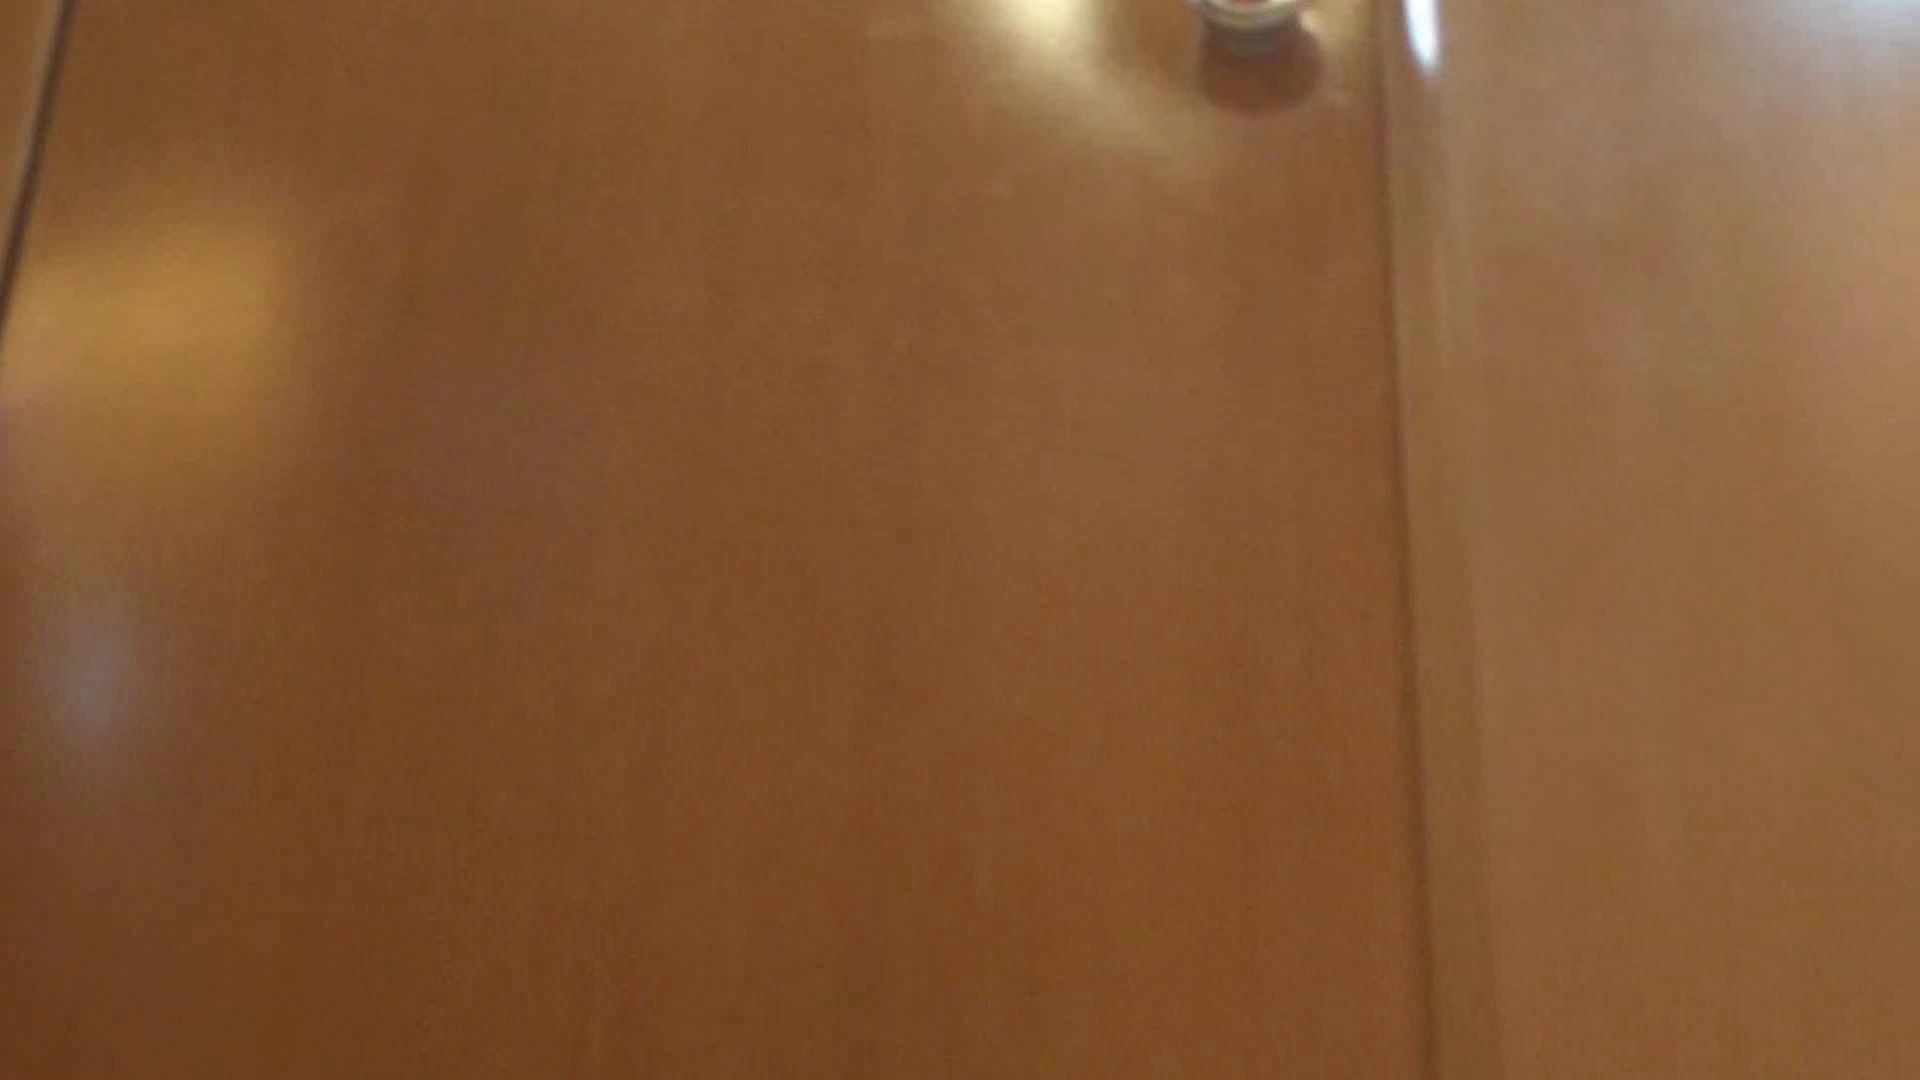 「噂」の国の厠観察日記2 Vol.02 厠 スケベ動画紹介 26連発 23